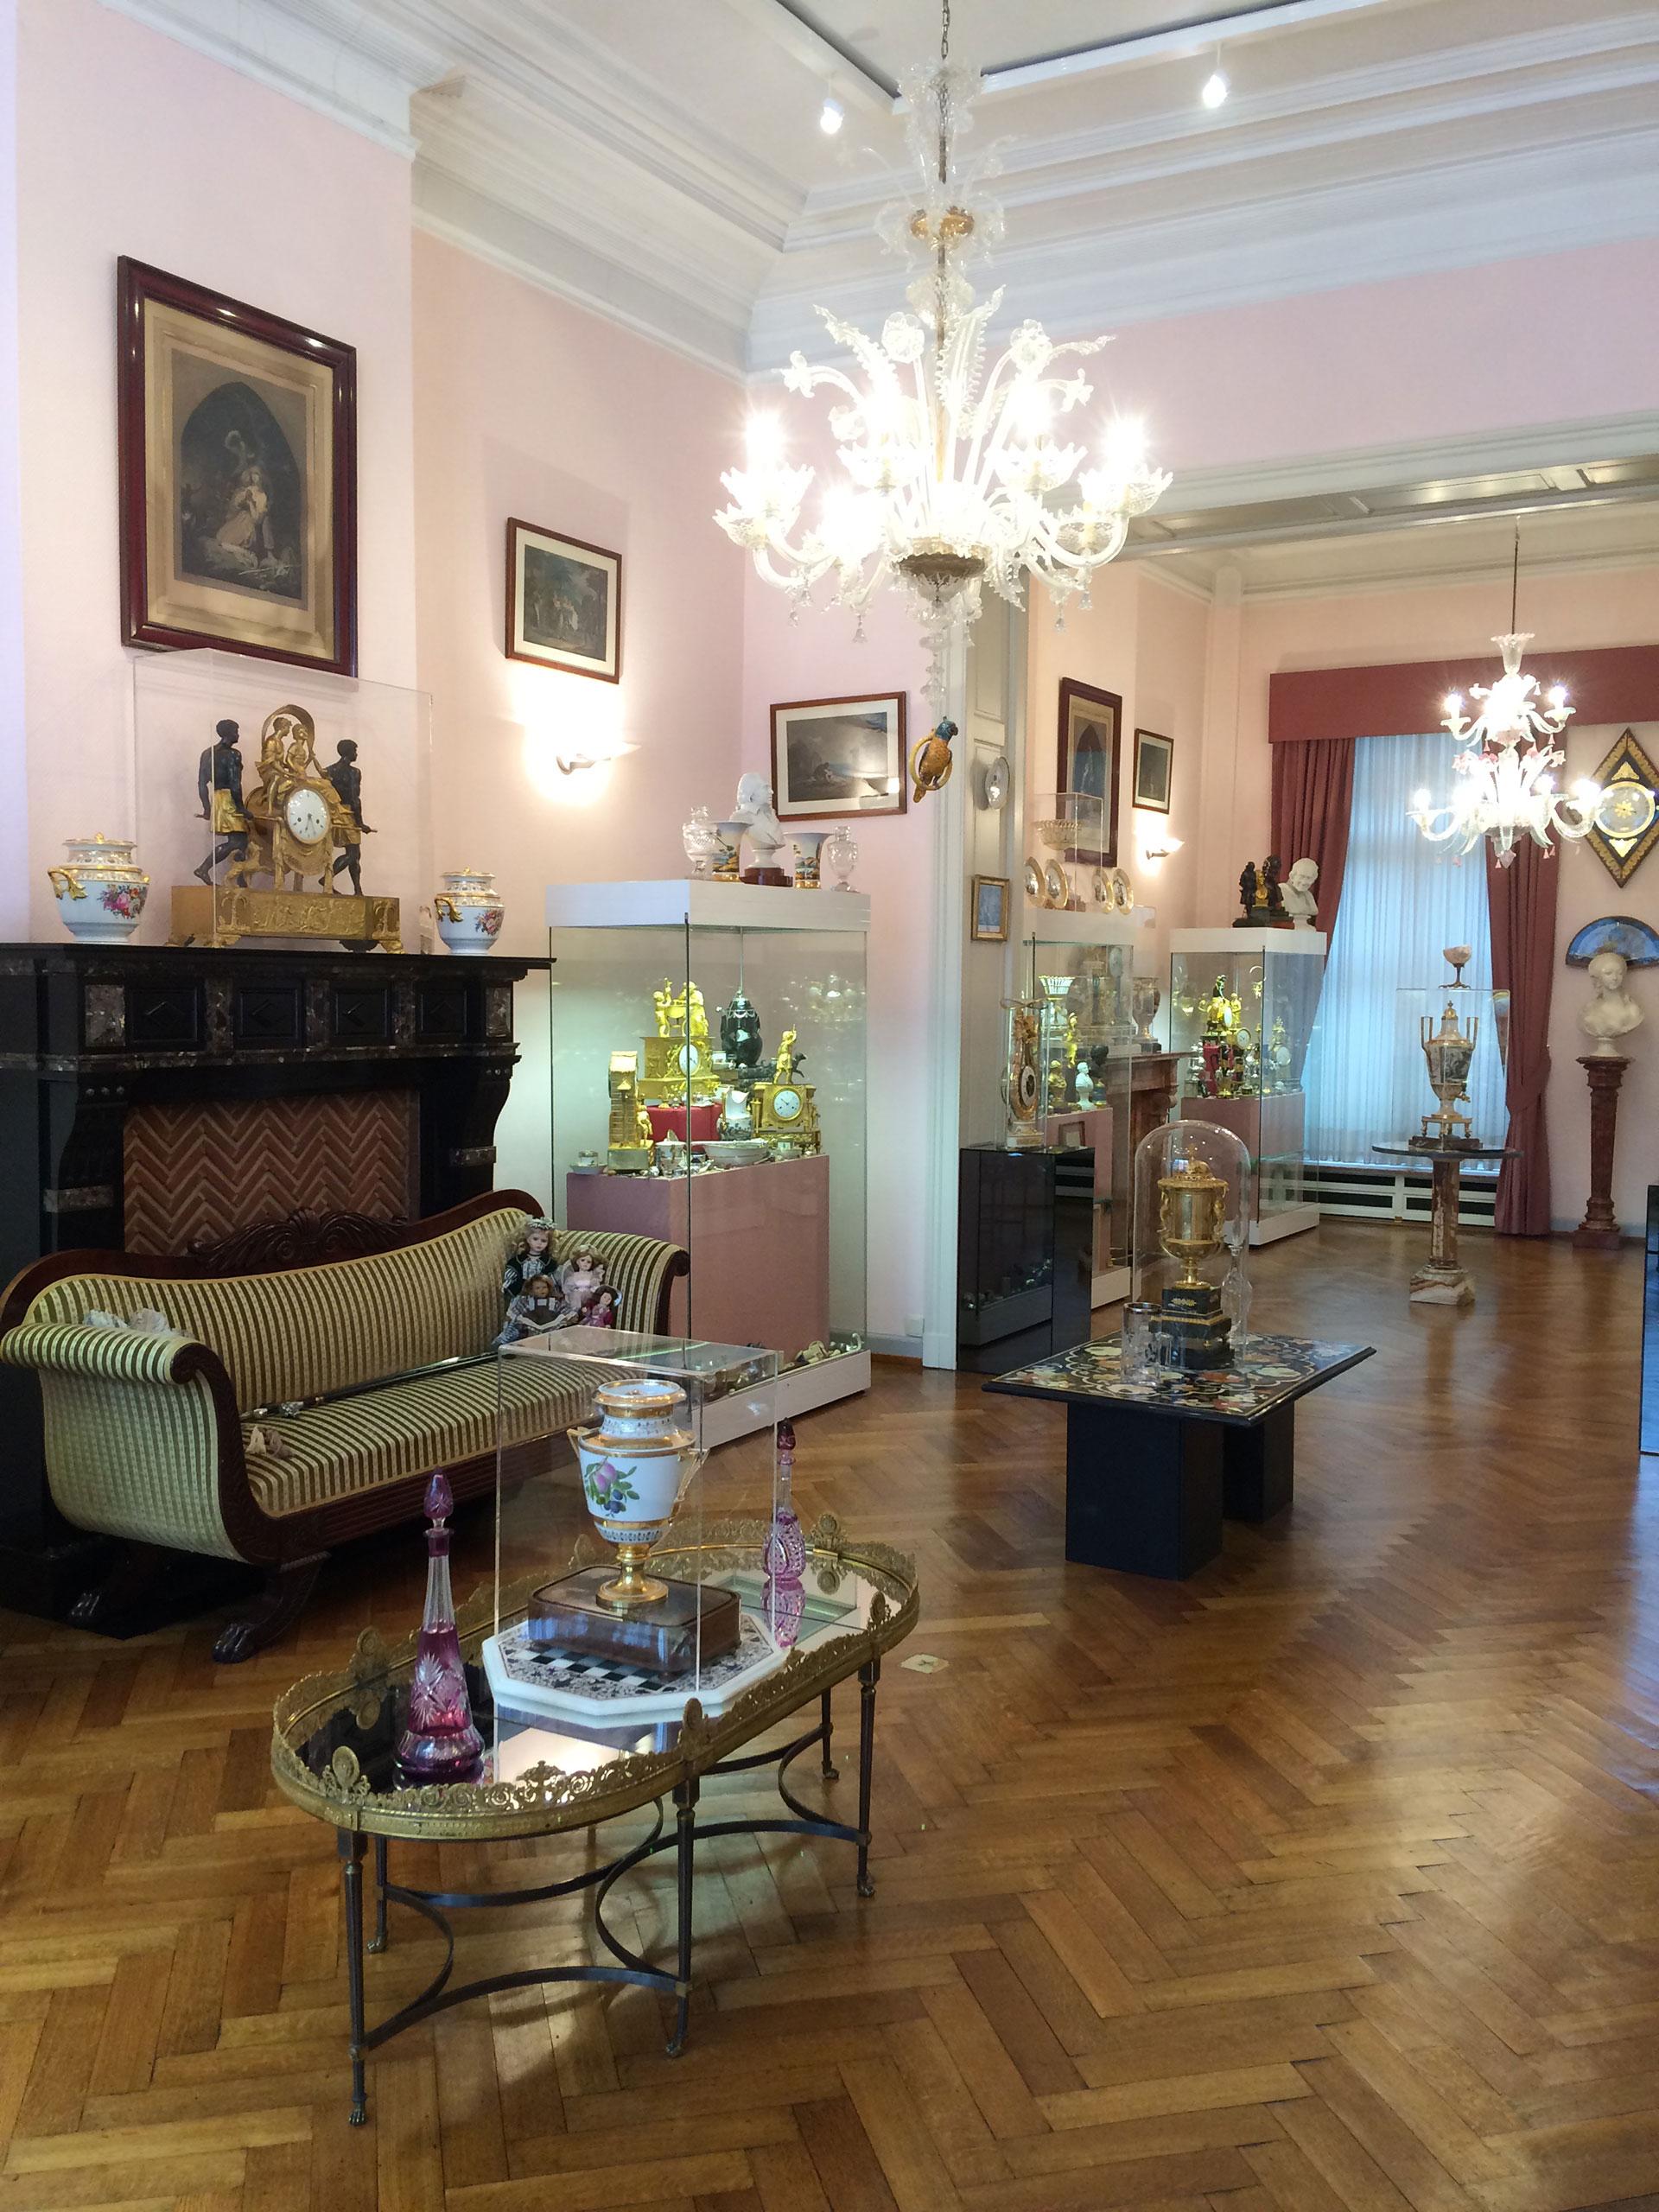 Musée - François Duesberg - Mons - arts décoratif - objets insolites - règne de Louis XVI